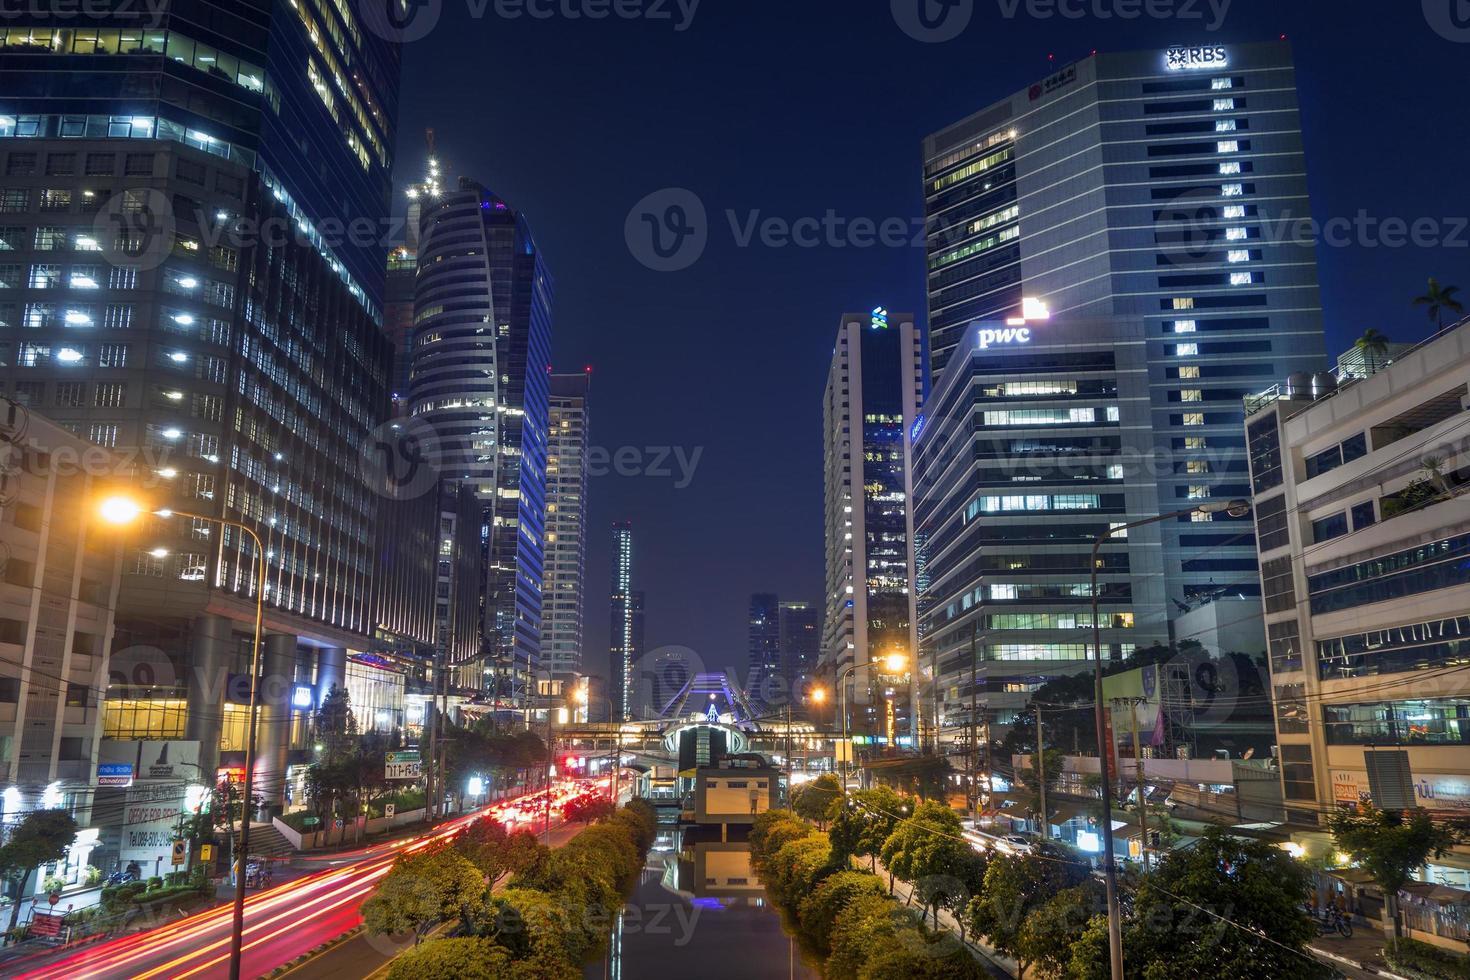 nachtverkeer op de weg van sathorn-narathiwas foto